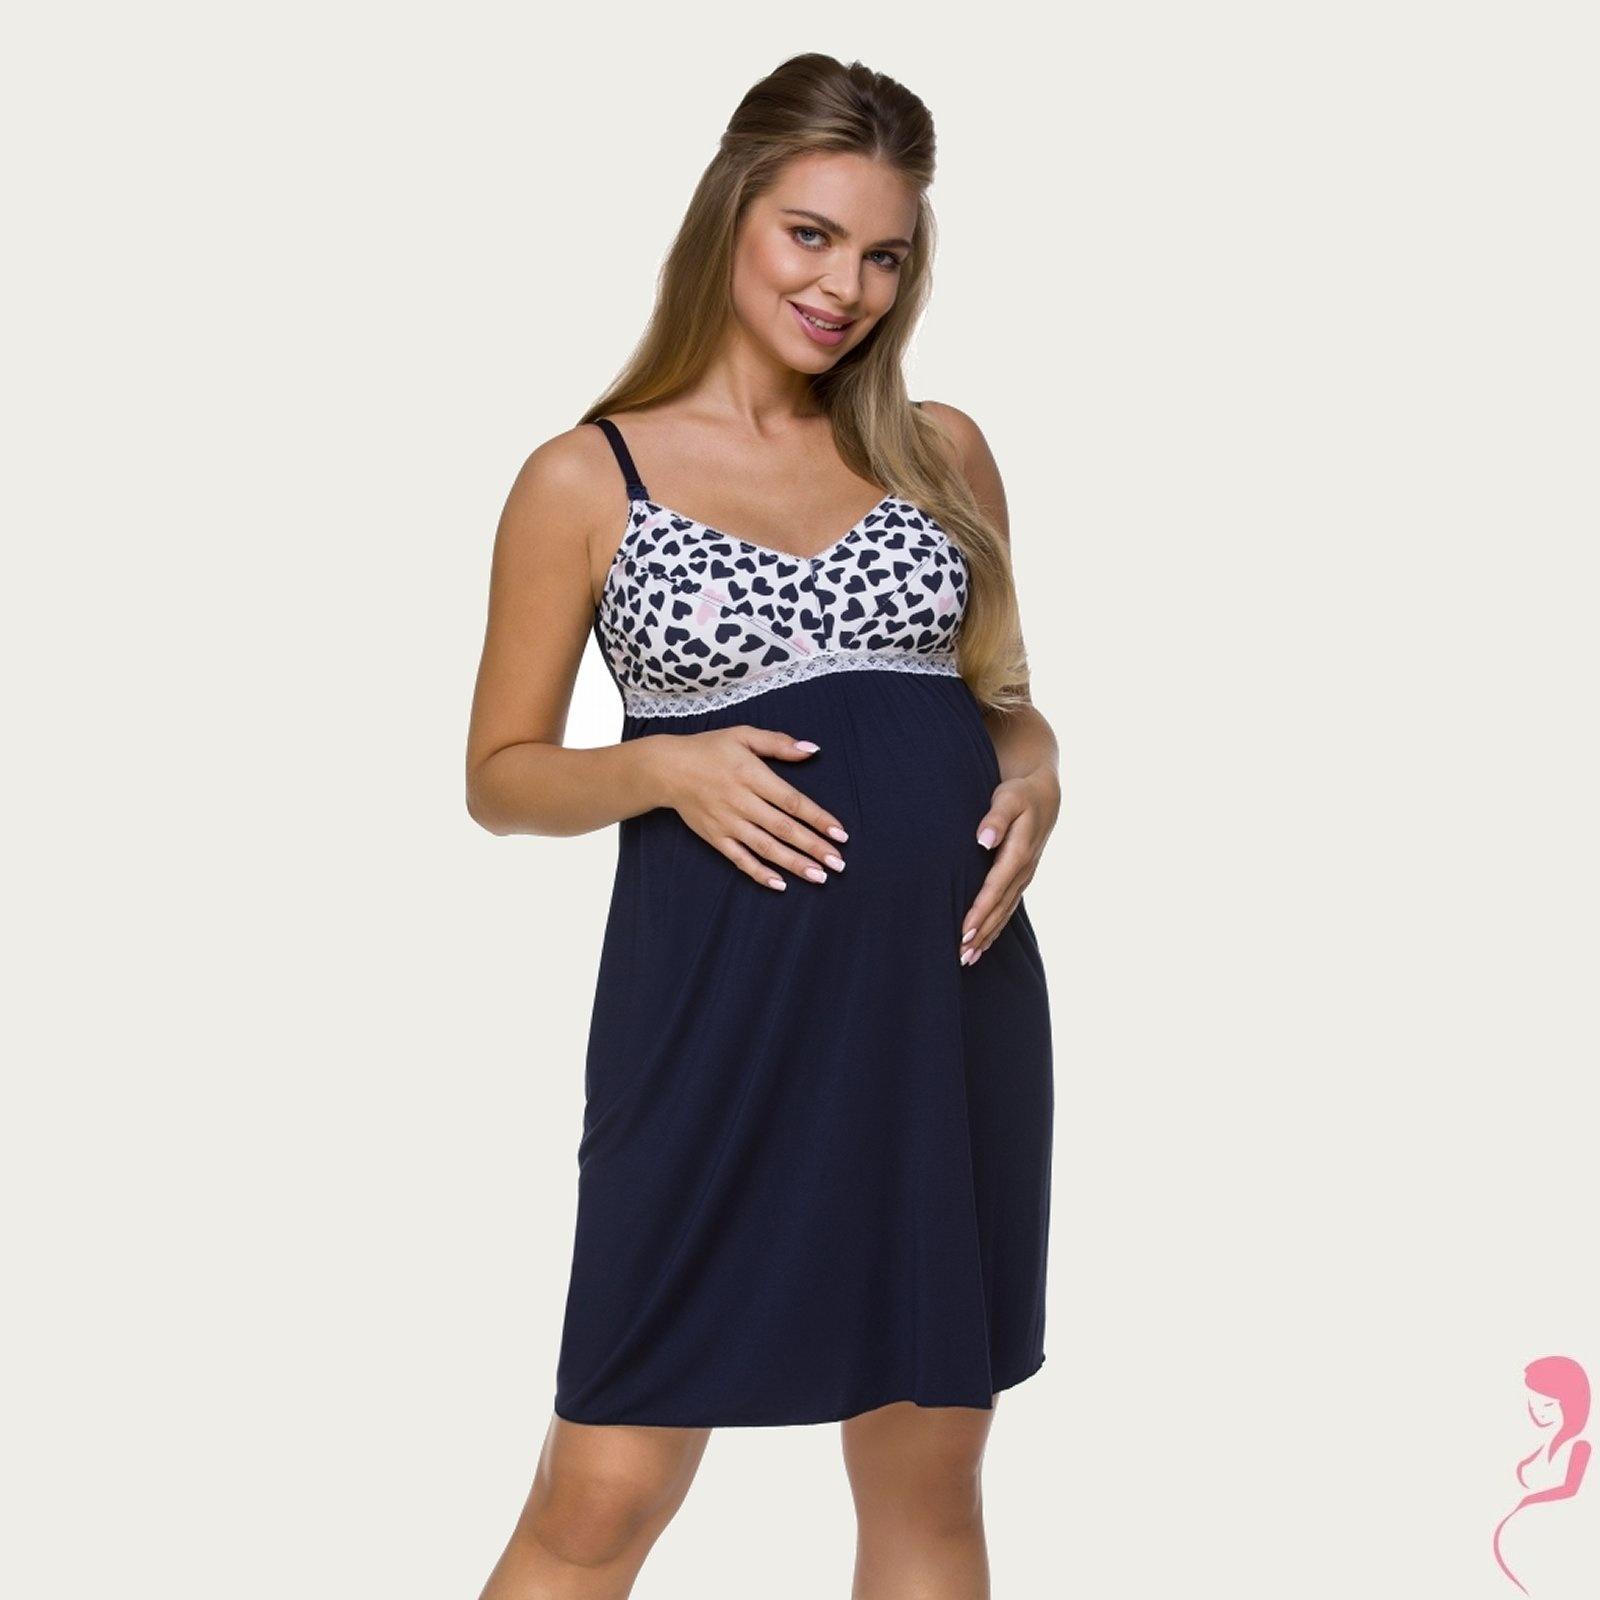 Lupoline Zwangerschapsjurk - Voedingsjurk Lovely Hearts